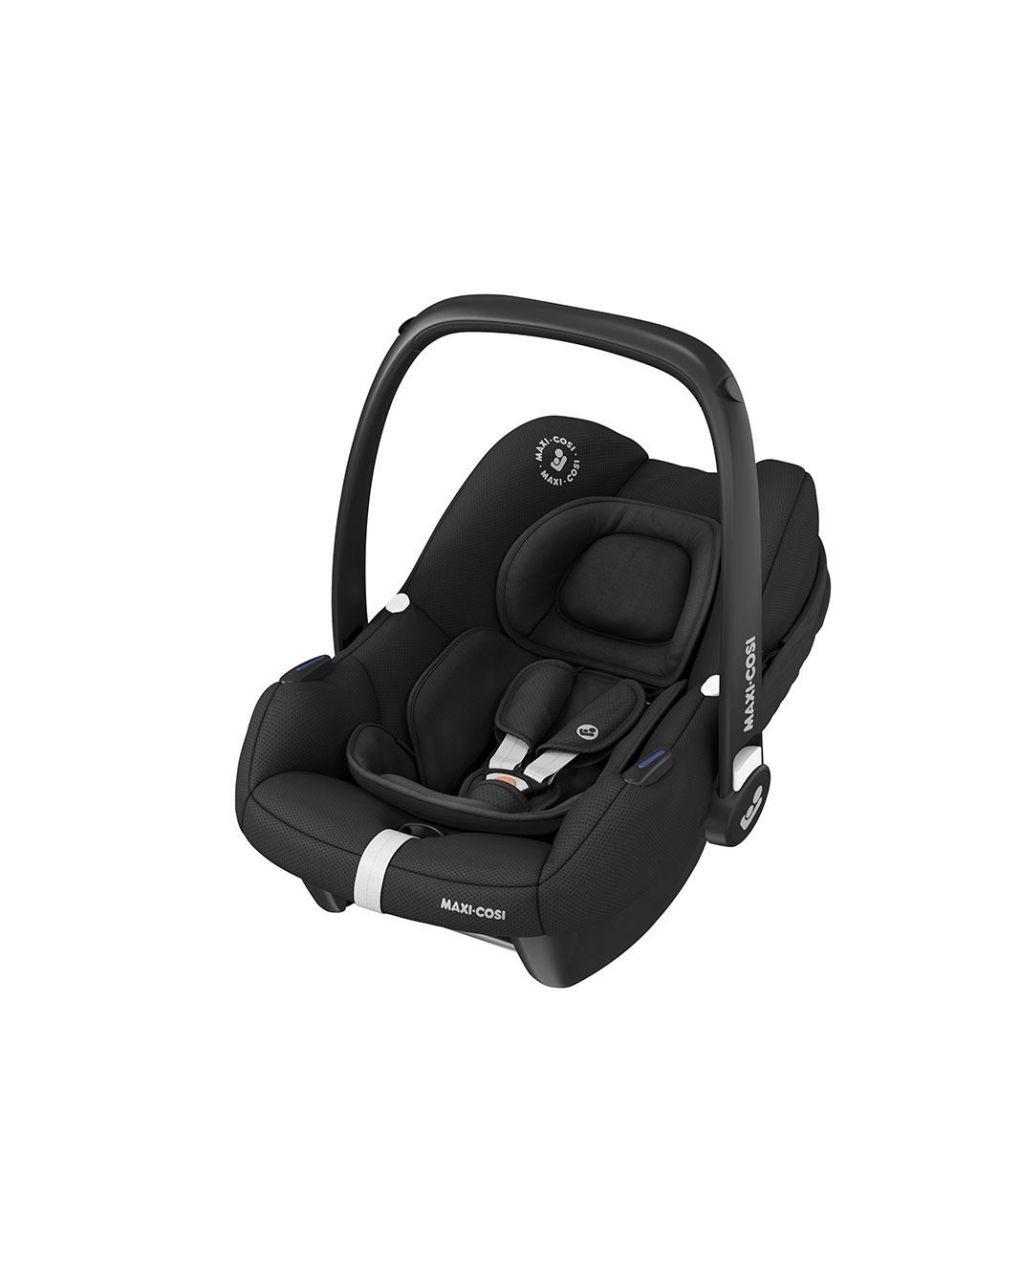 Maxi-Cosi Κάθισμα Αυτοκινήτου Tinca Essential Black